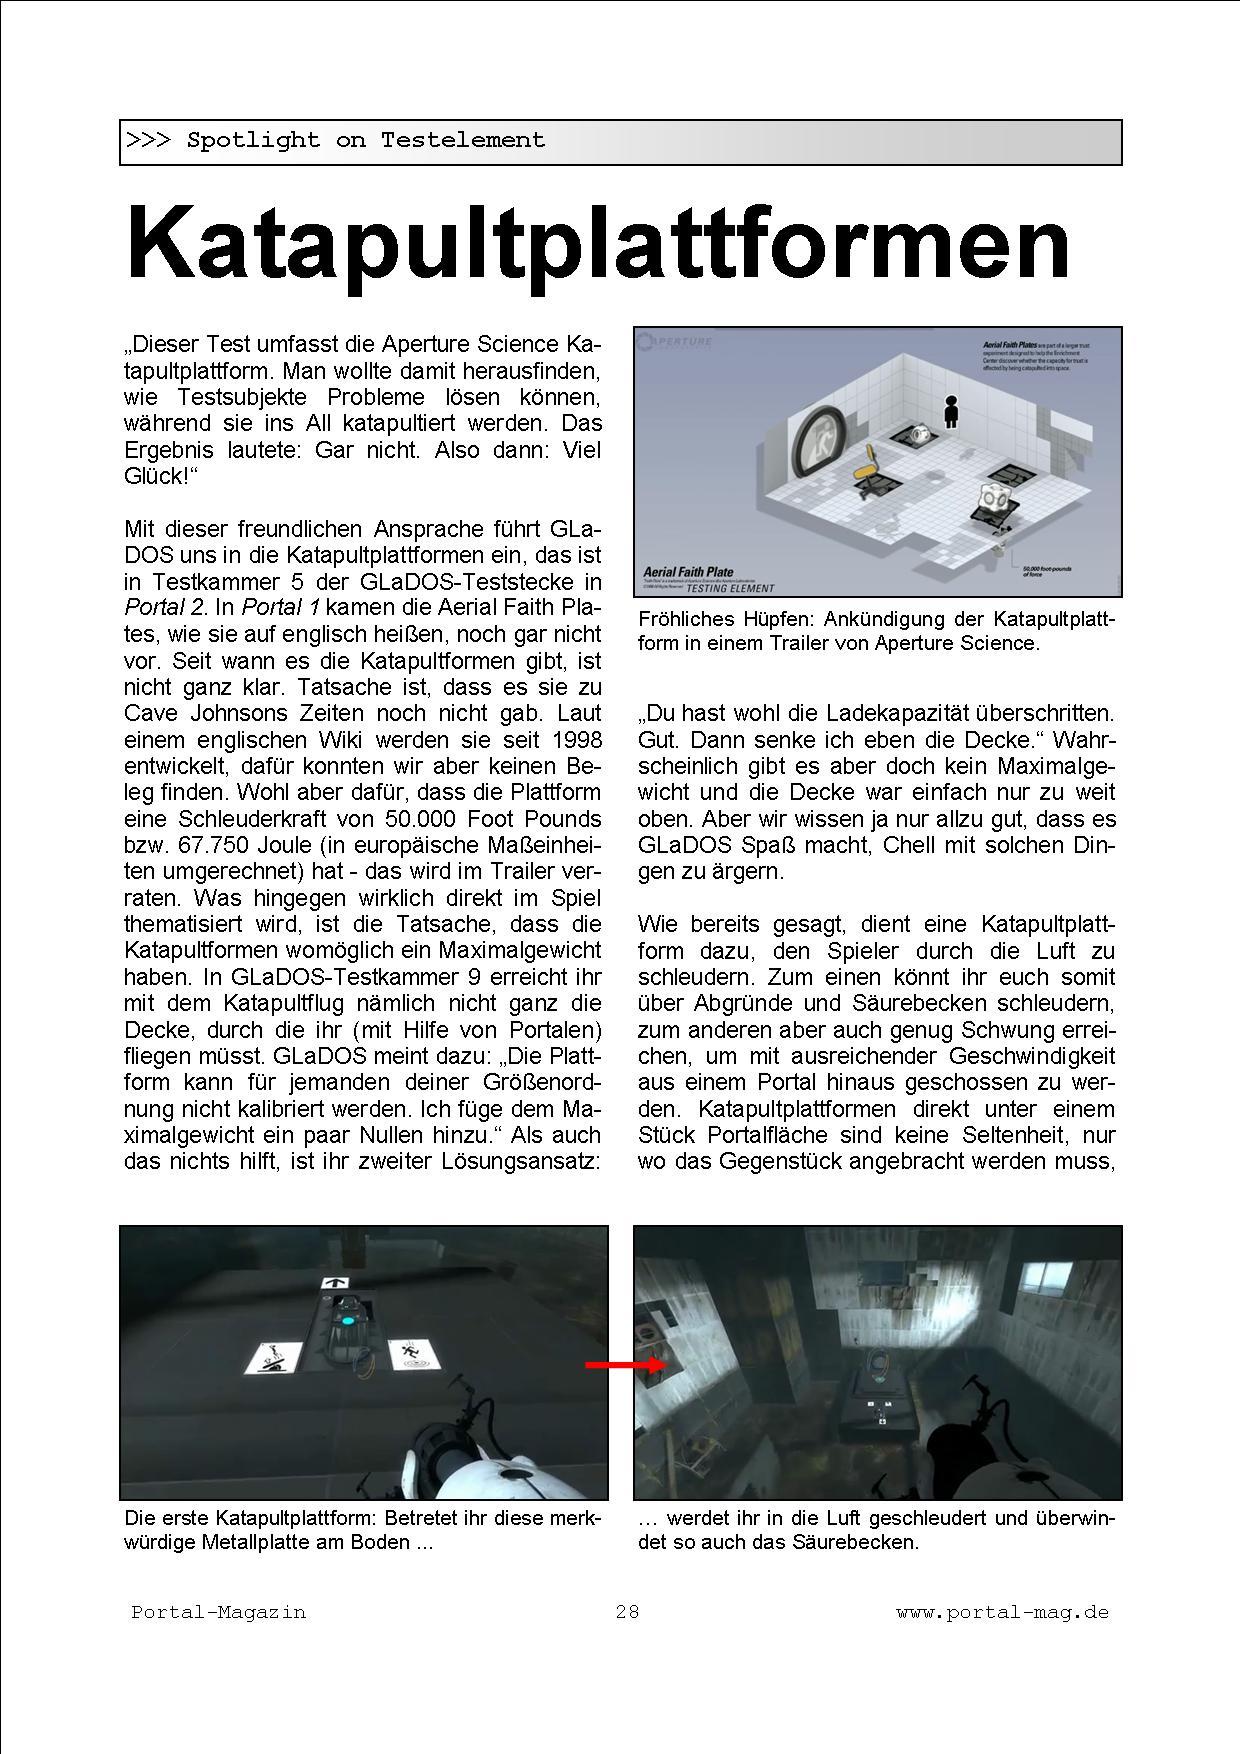 Ausgabe 13, Seite 28